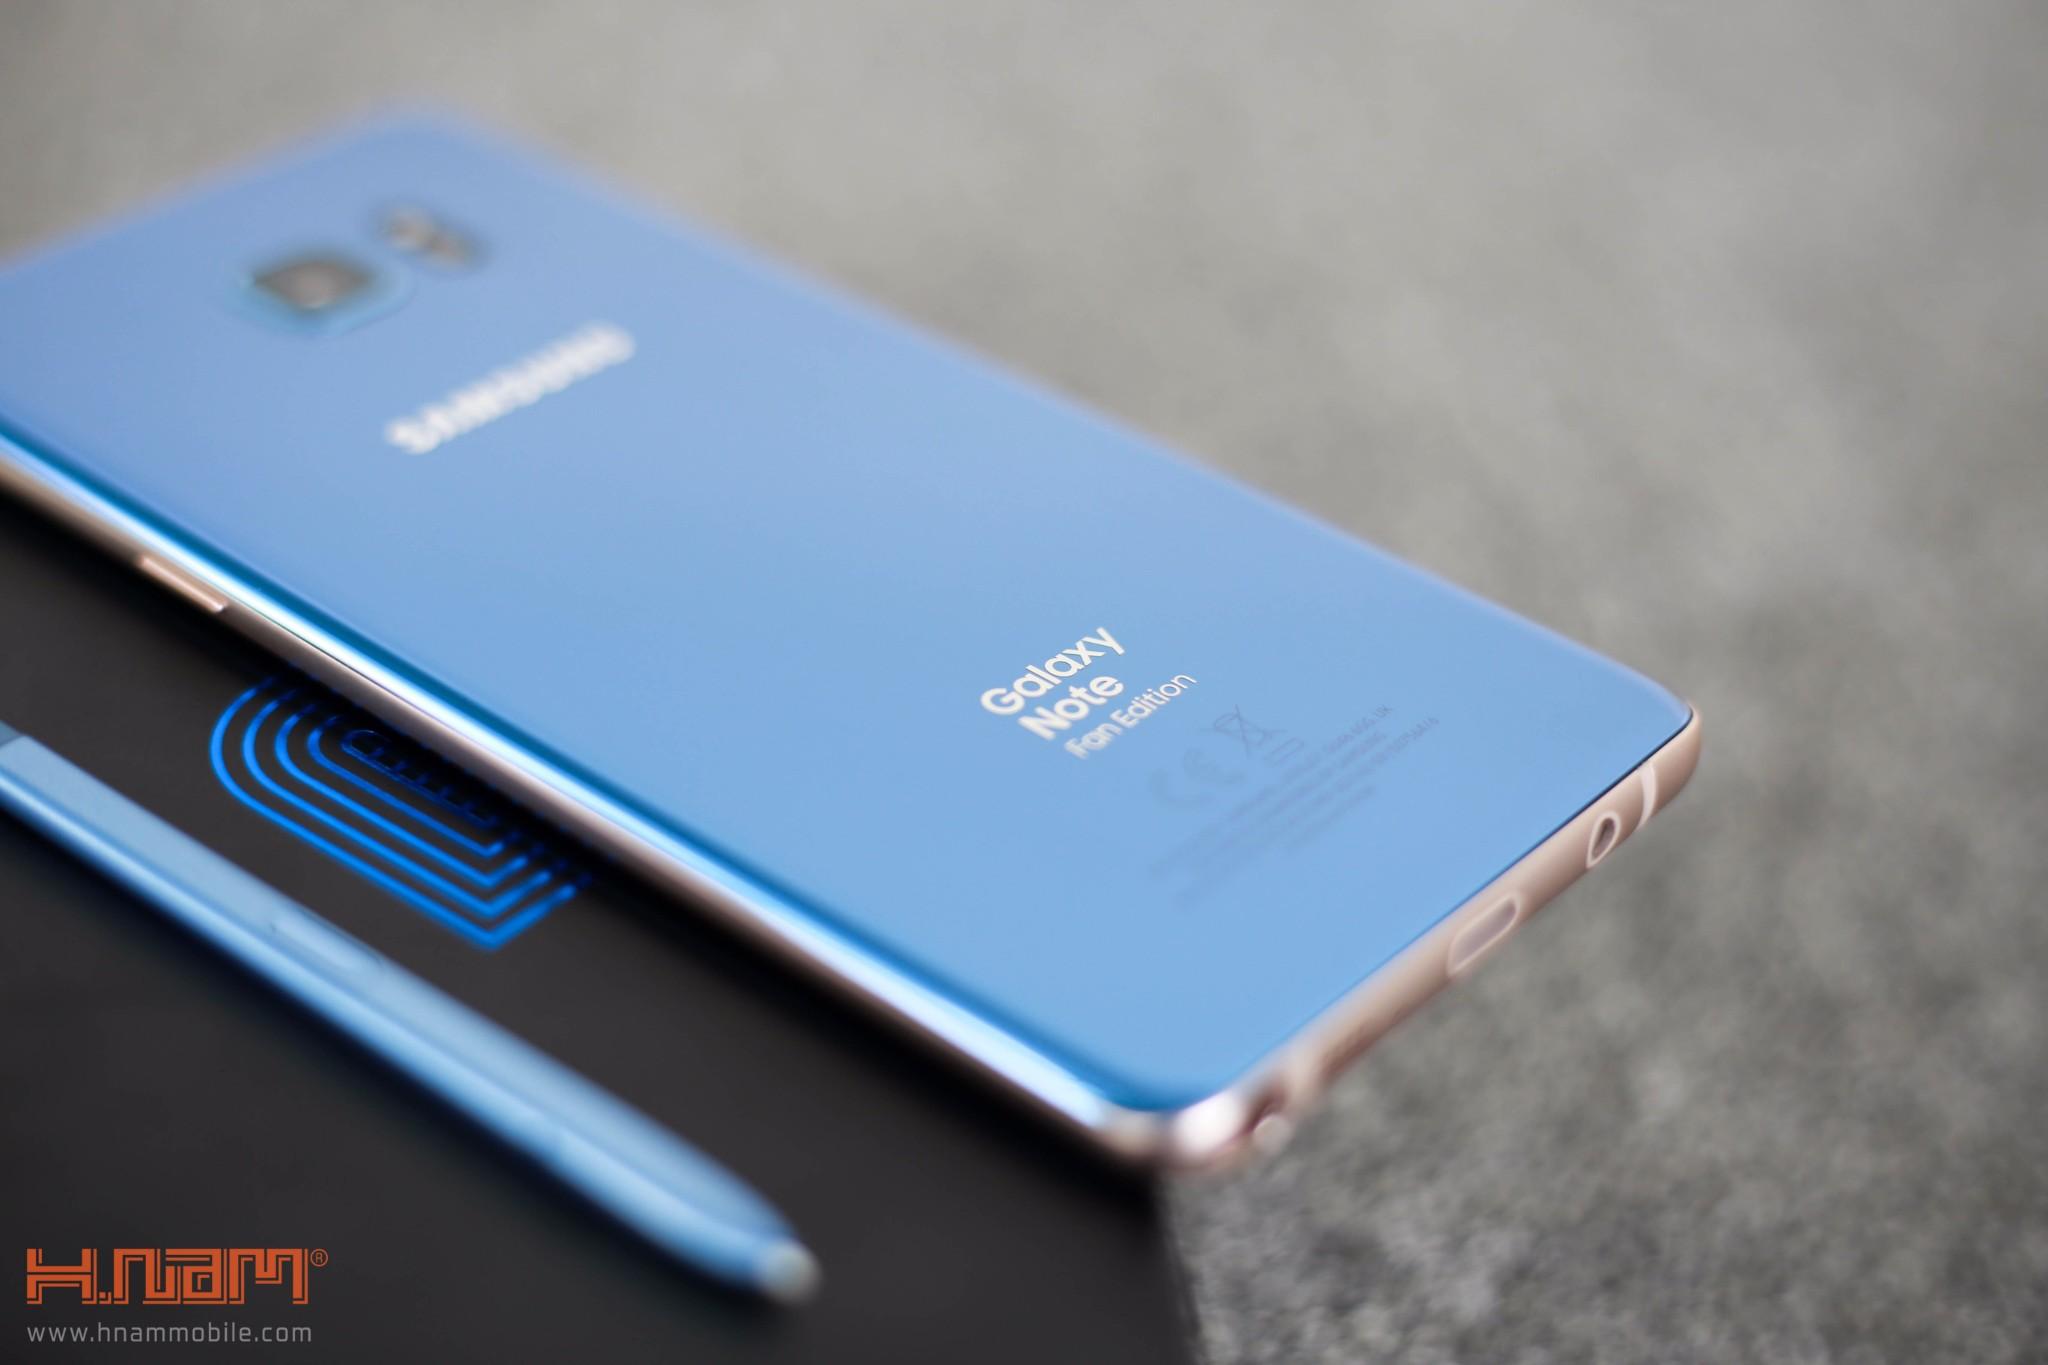 Đập hộp Galaxy Note FE Blue Coral: Phiên bản đặc biệt dành cho NoteFan hình 2